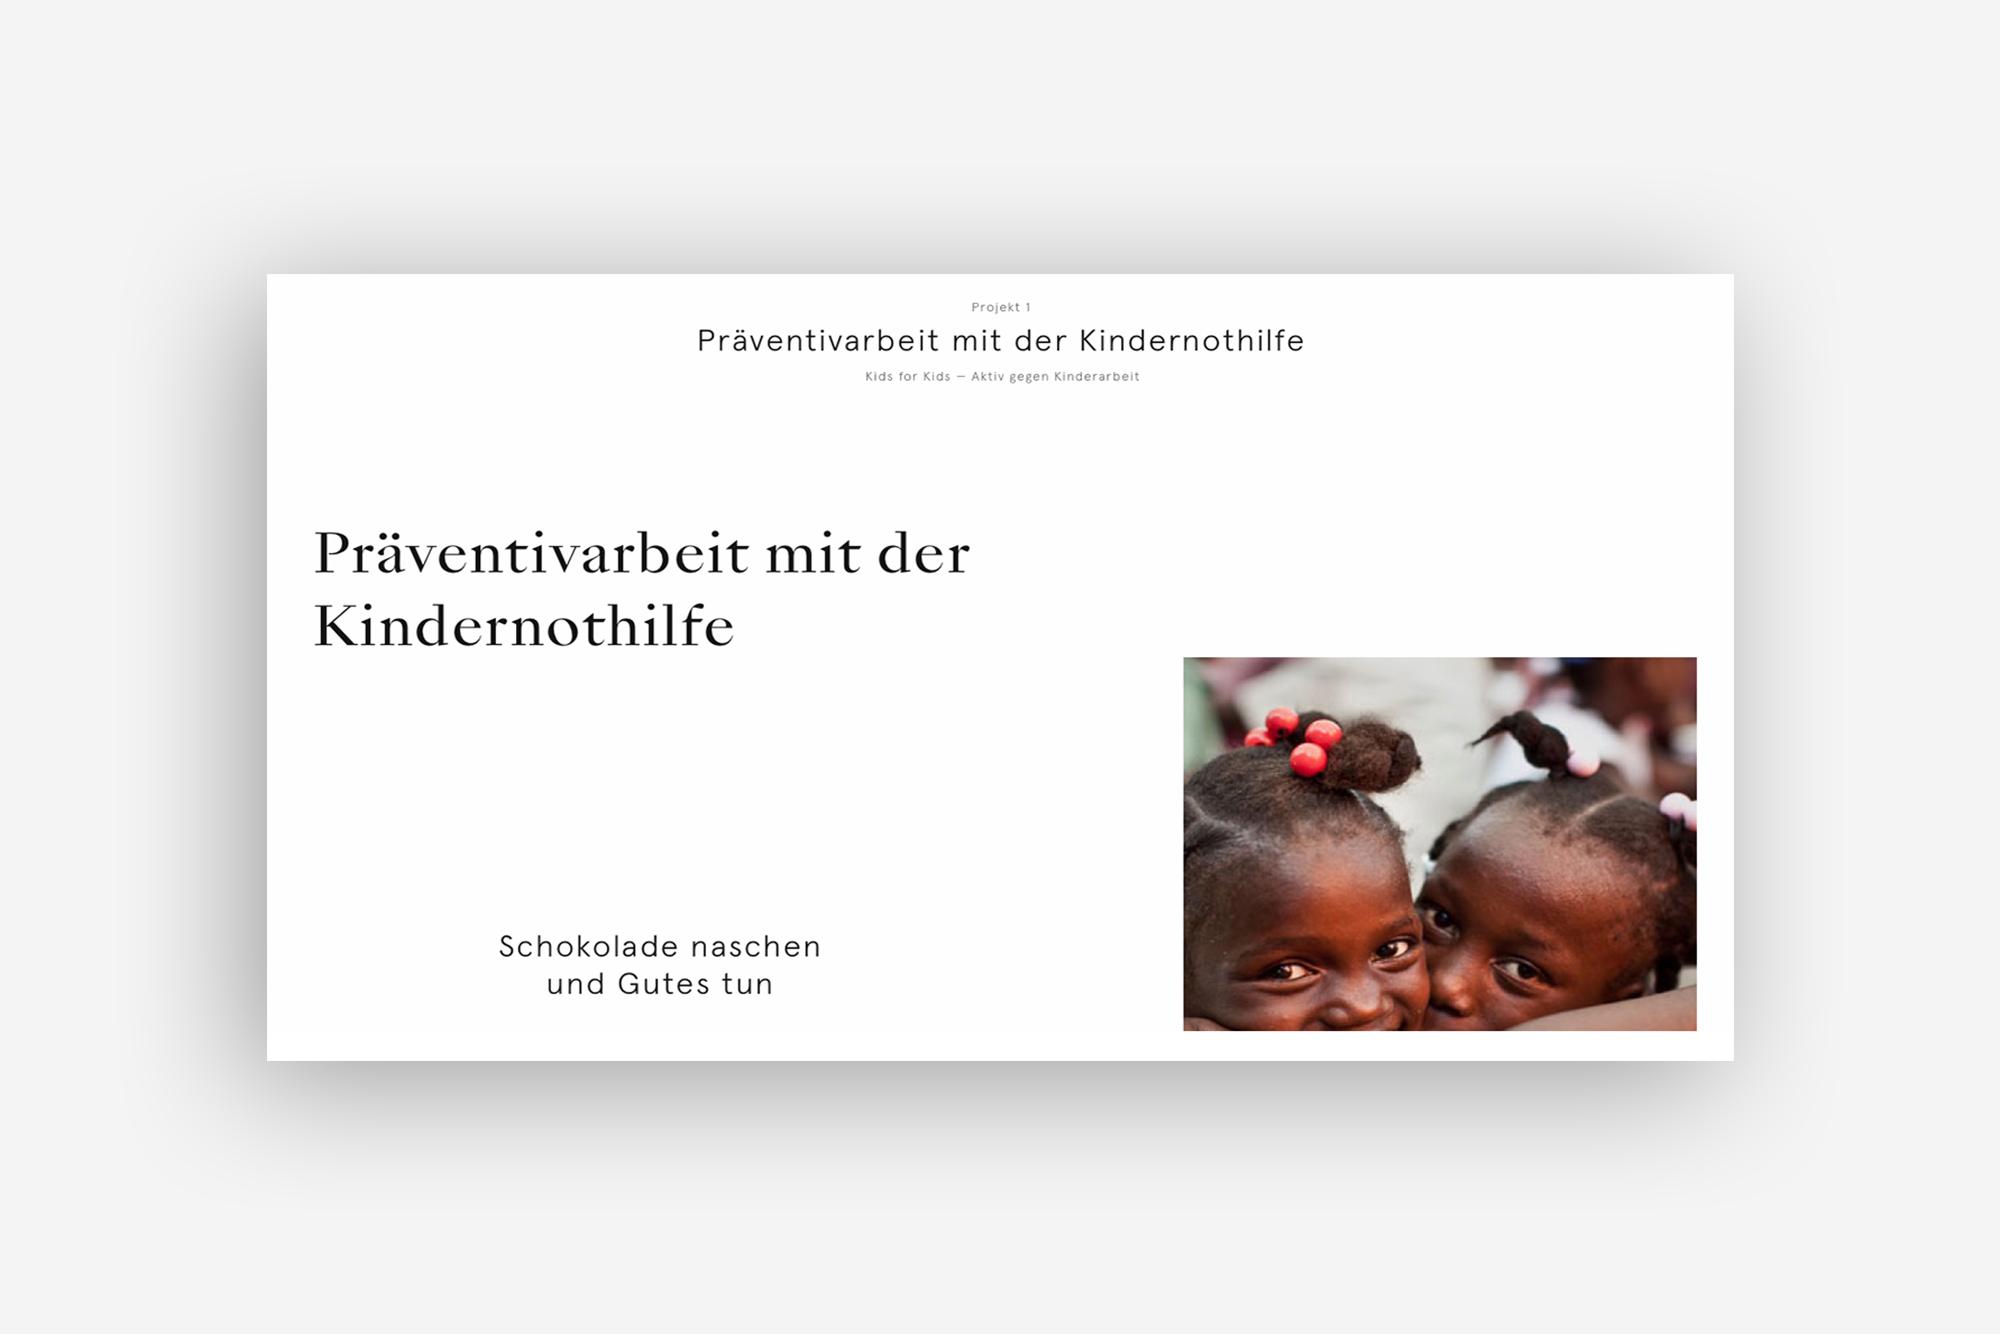 ffine-Brinkmann-Sonnenberg_VIVANI_11.jpg